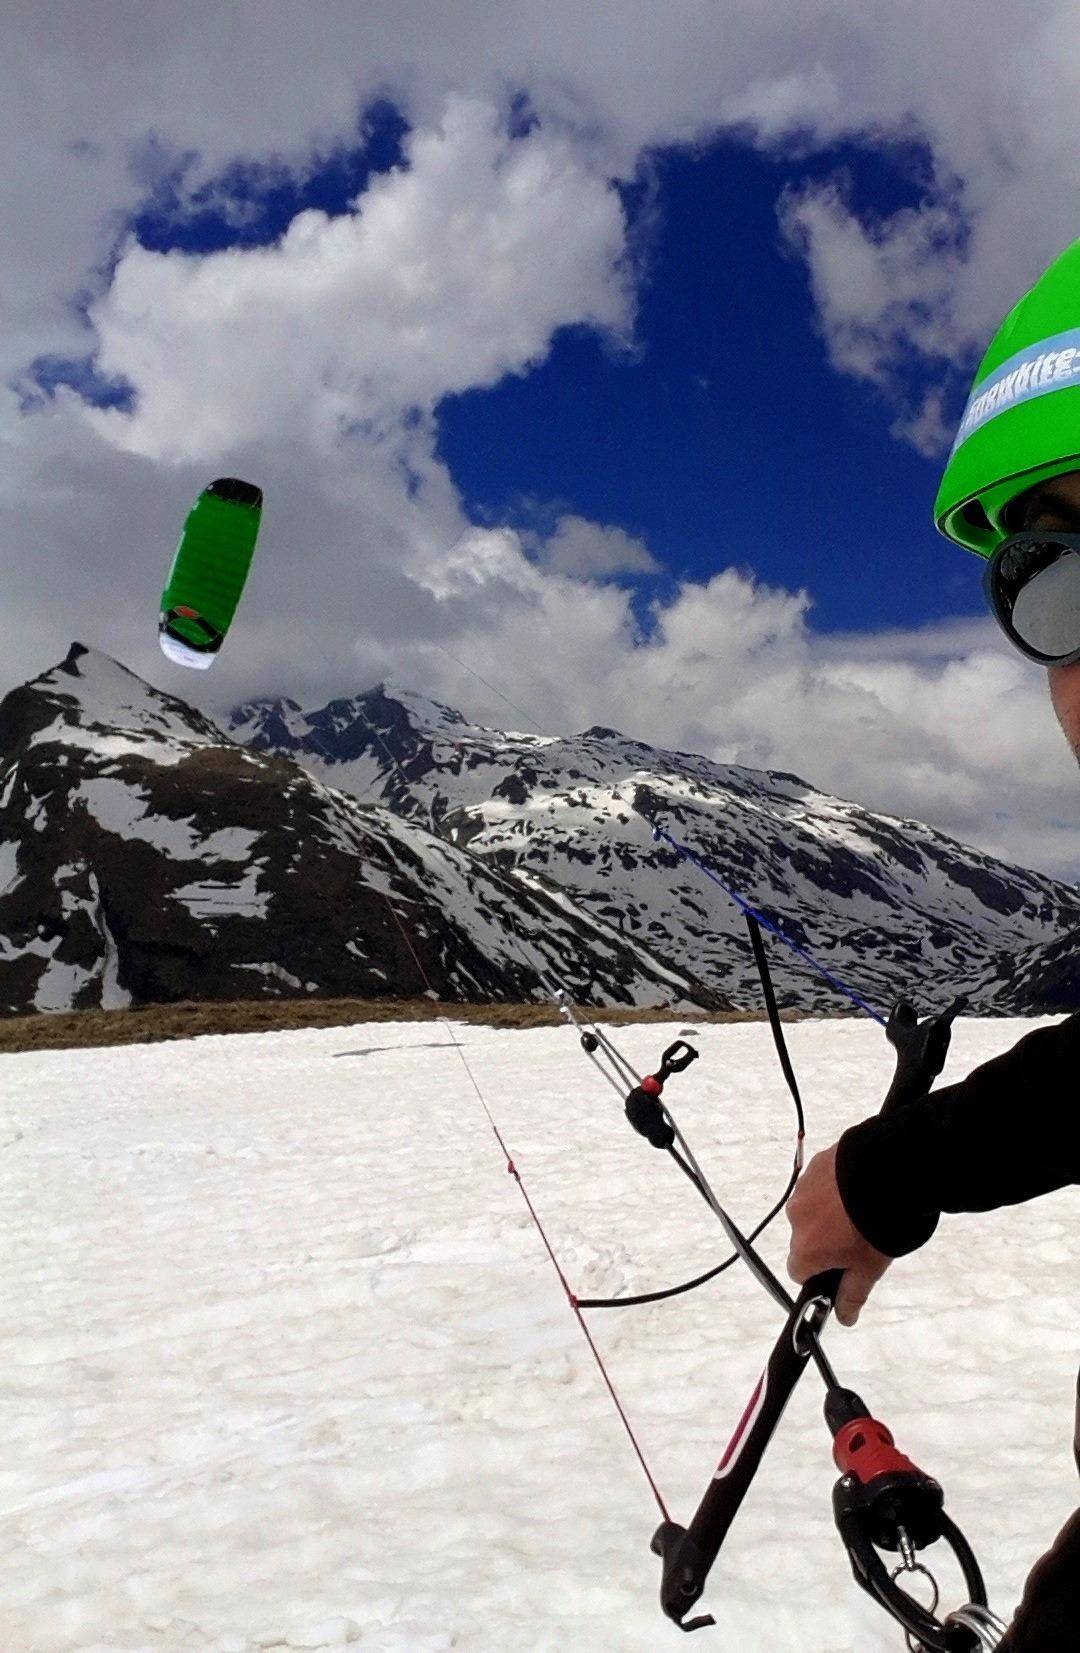 Monte_Spluga_Ozonekites_SubzeroV1_Snowkite-Odenwald